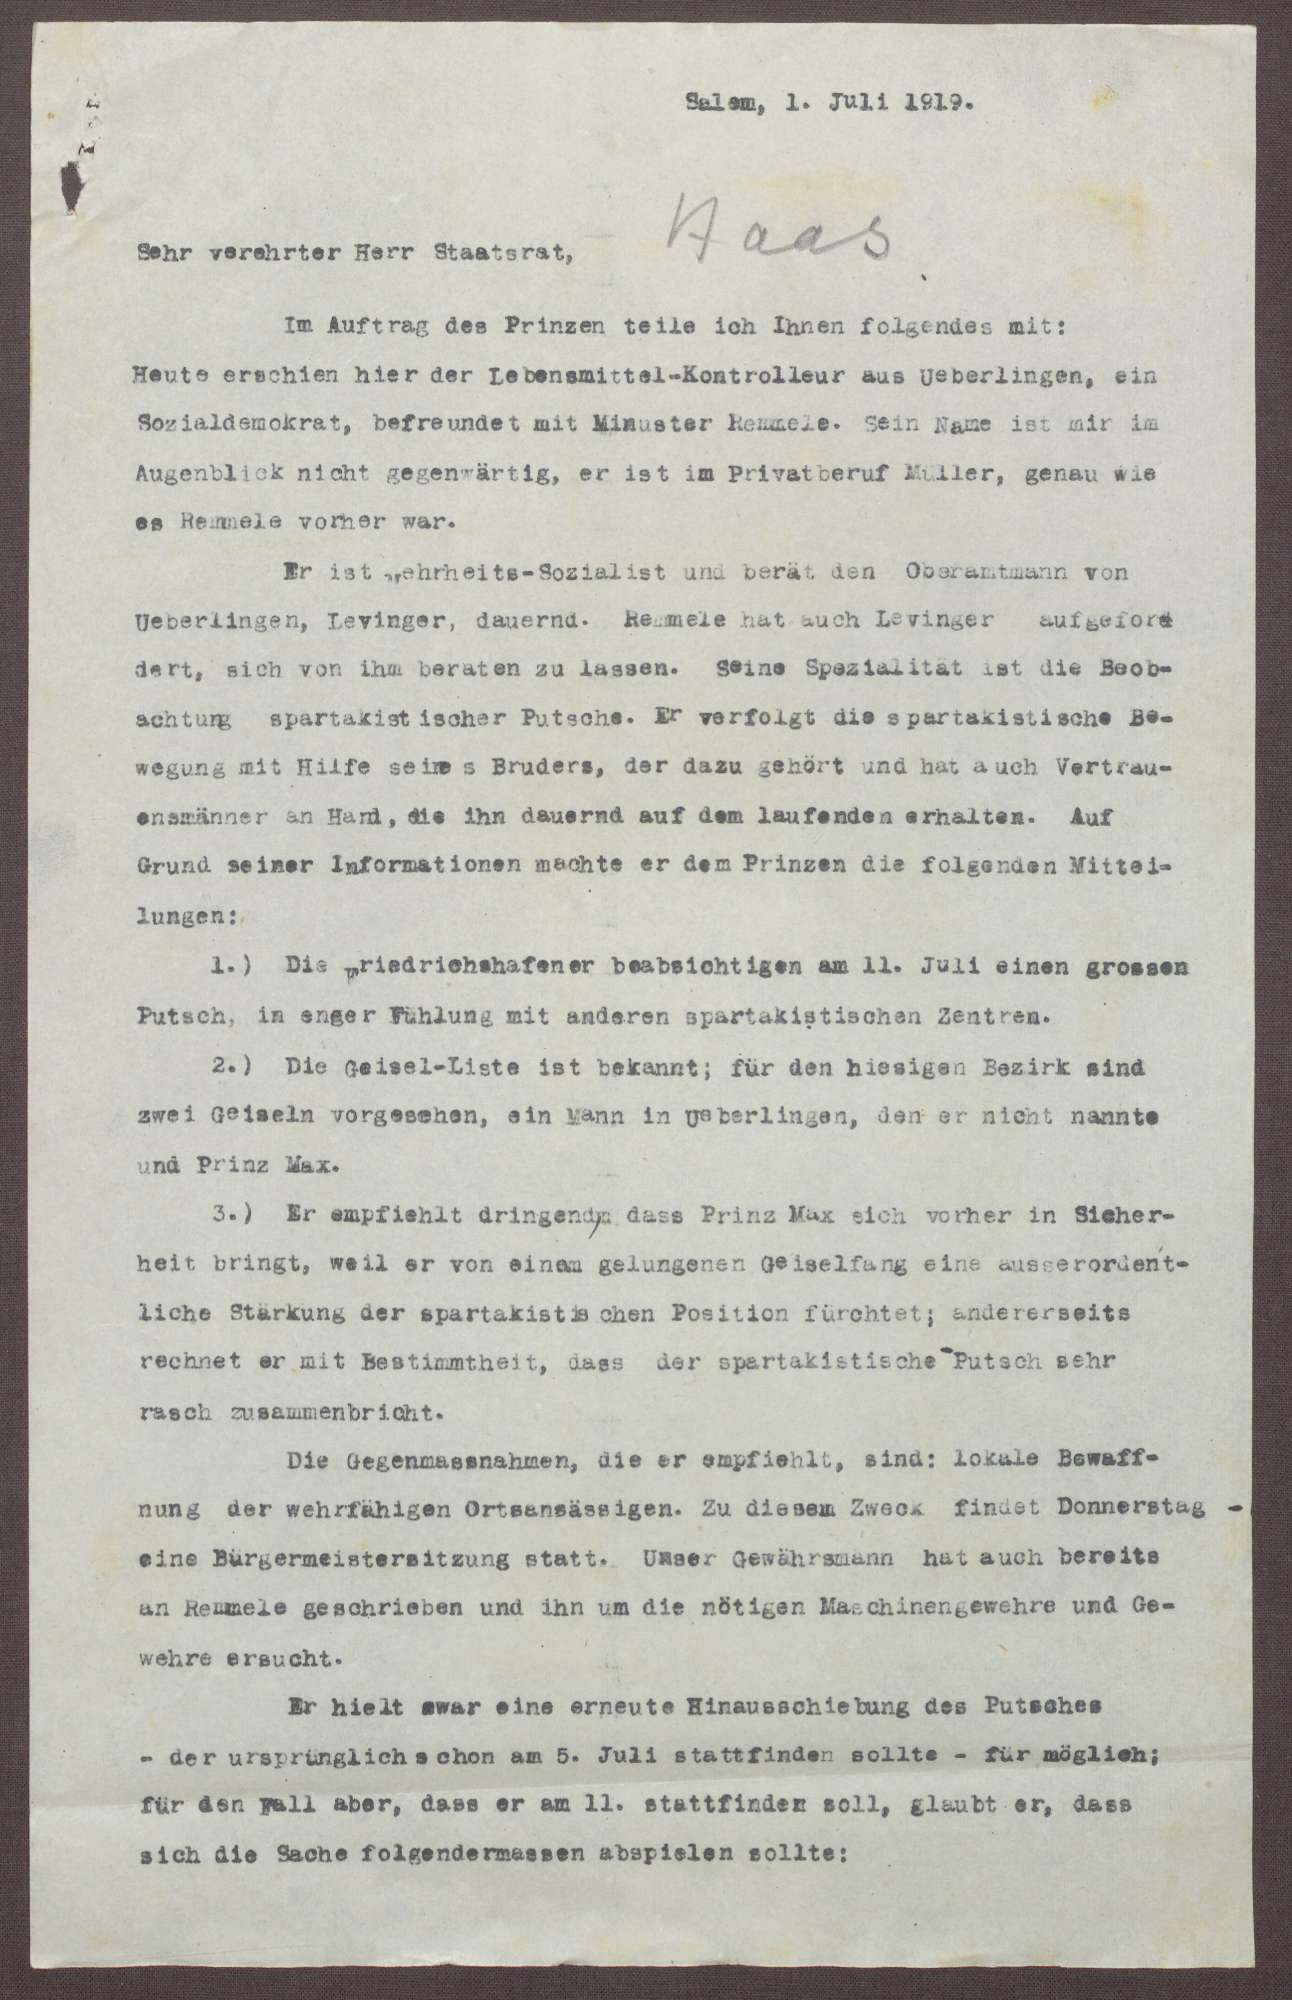 Schreiben von Kurt Hahn an Ludwig Haas; Unmittelbare Gefahr eines spartakitischen Putsches in Friedrichshafen und anderen Städten des Bodensees, Bild 1